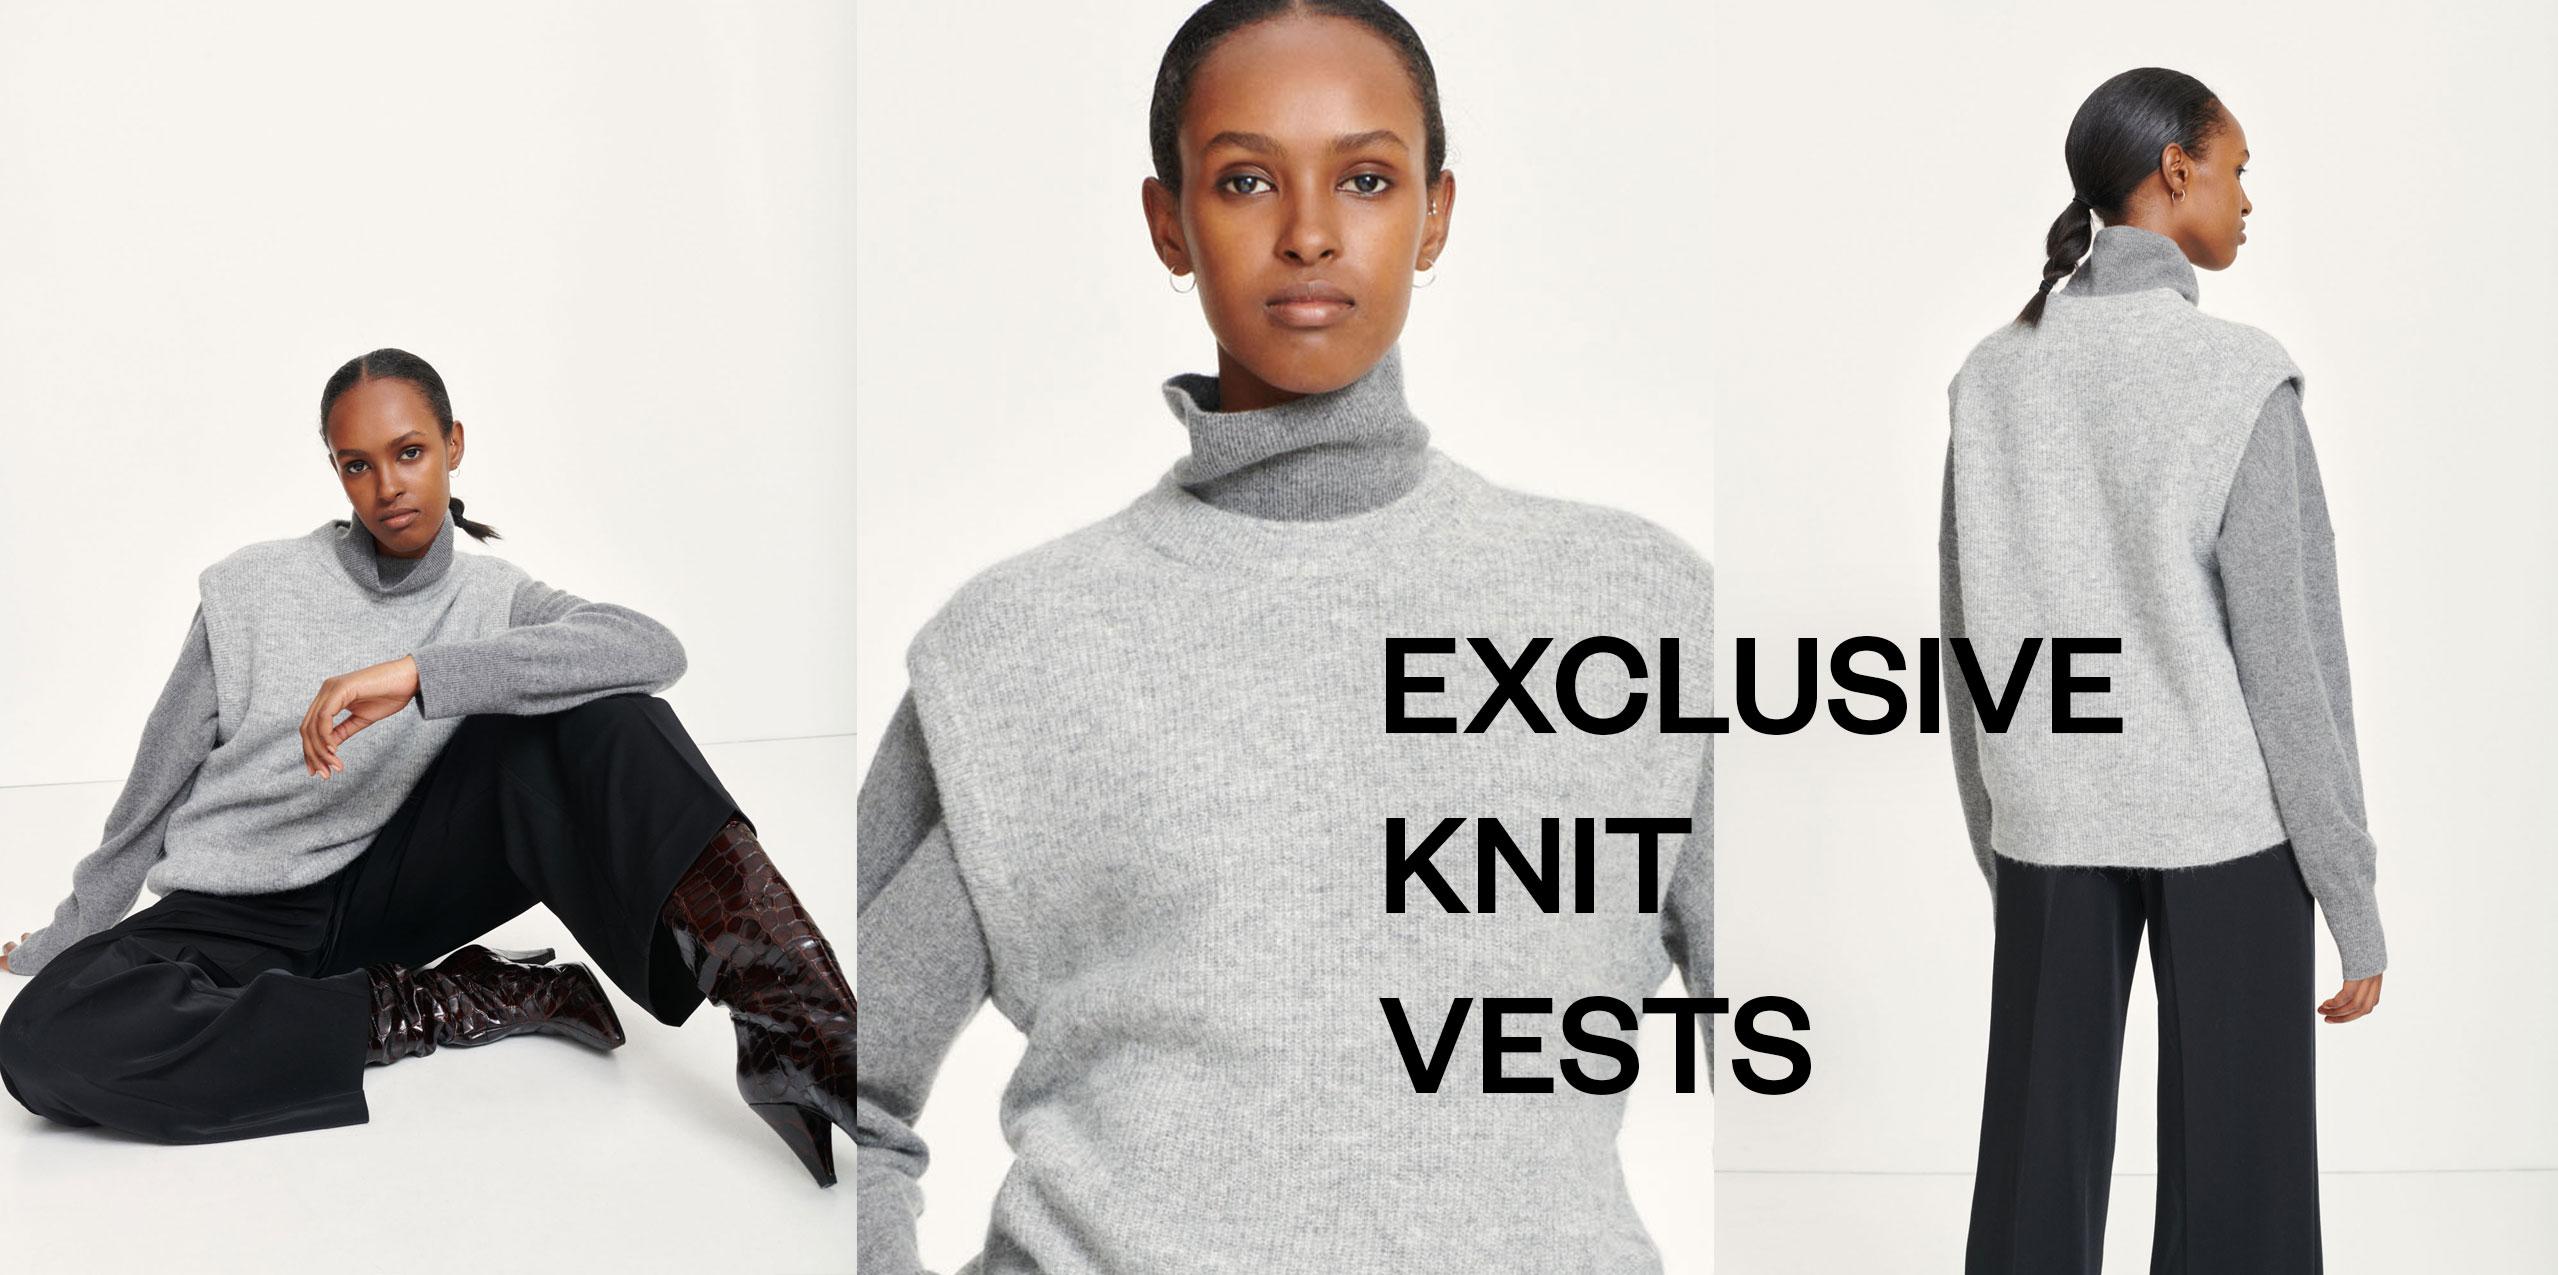 Nor vest Women's fashion